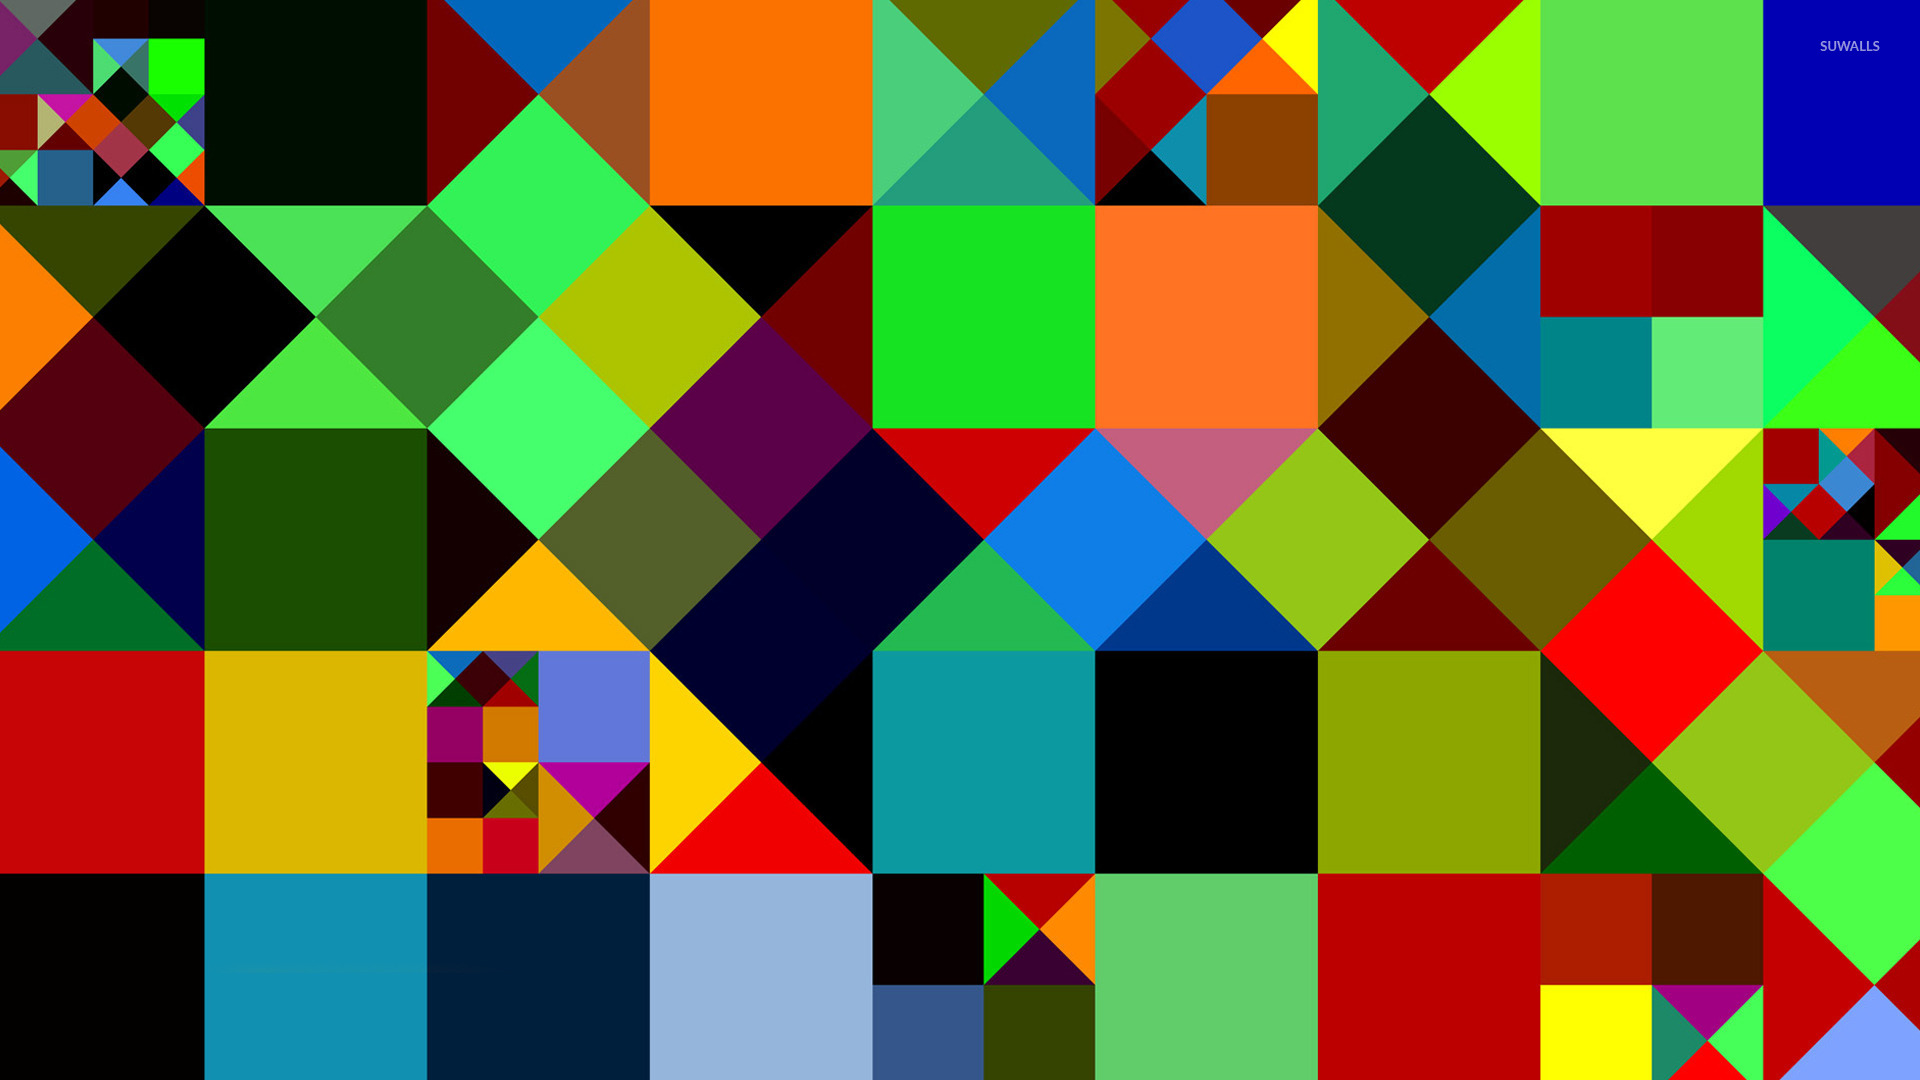 графика абстракция квадраты в хорошем качестве